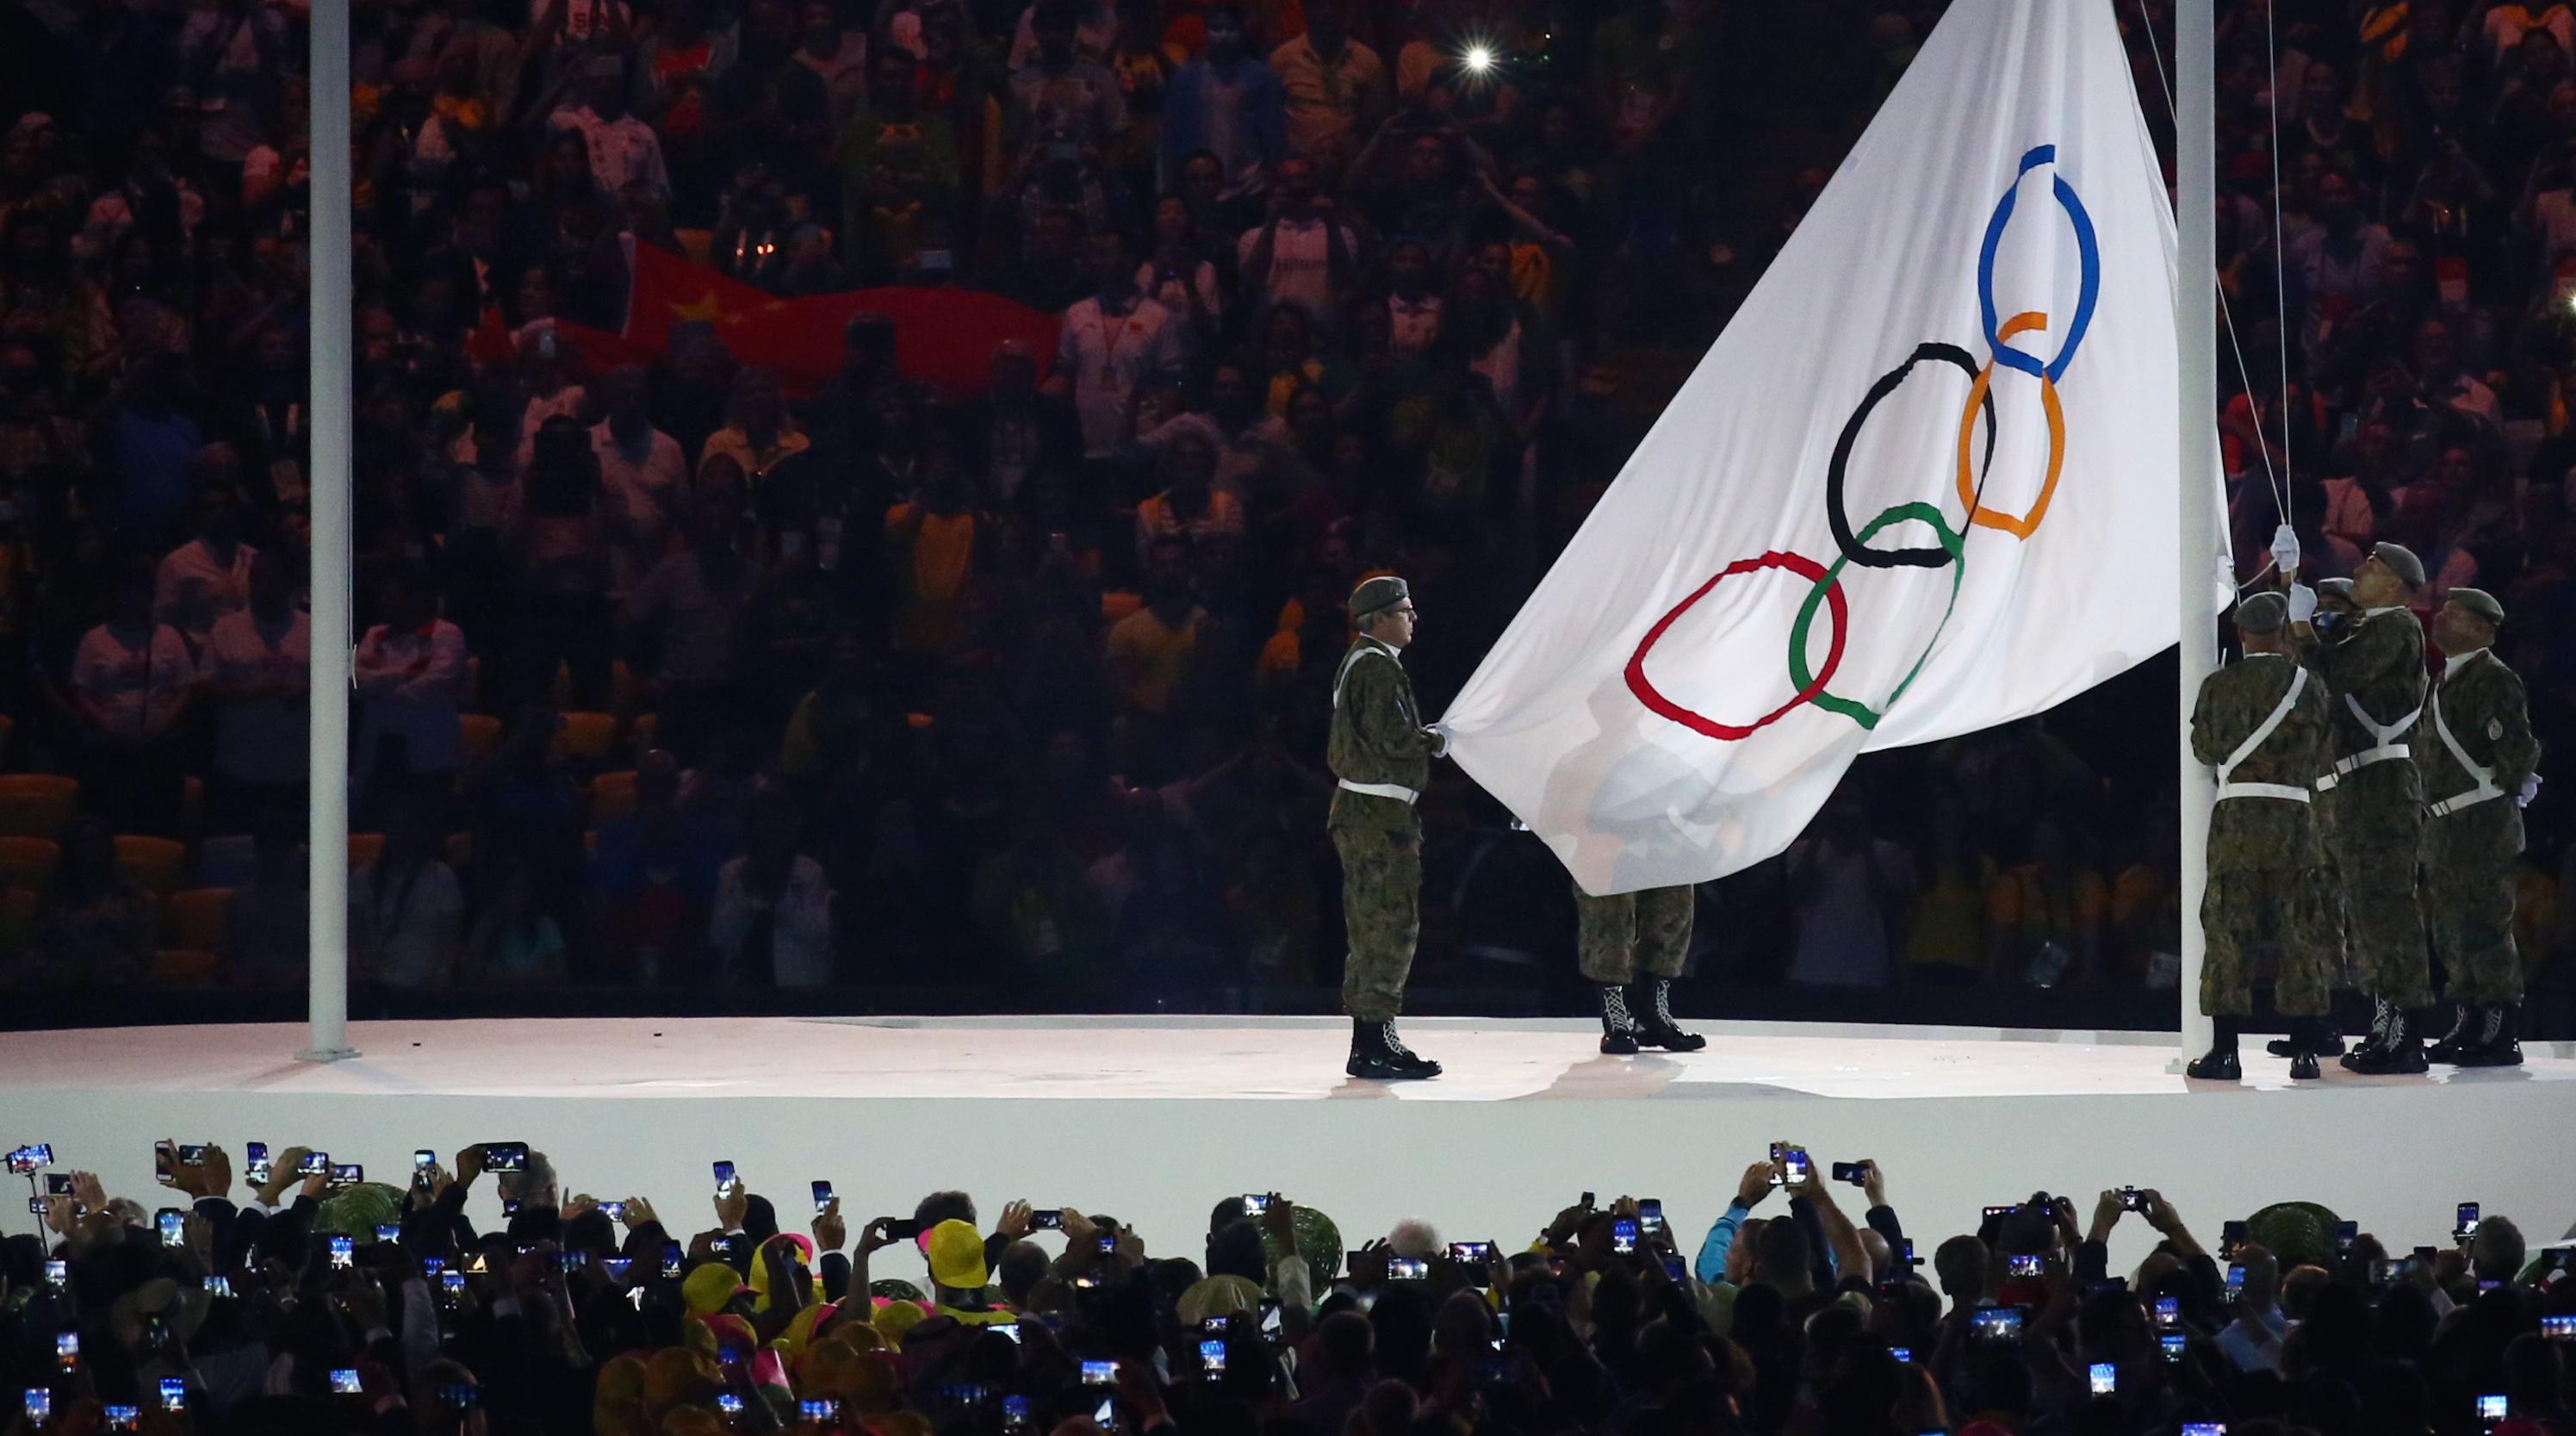 2016 Rio Olympics Opening ceremonies